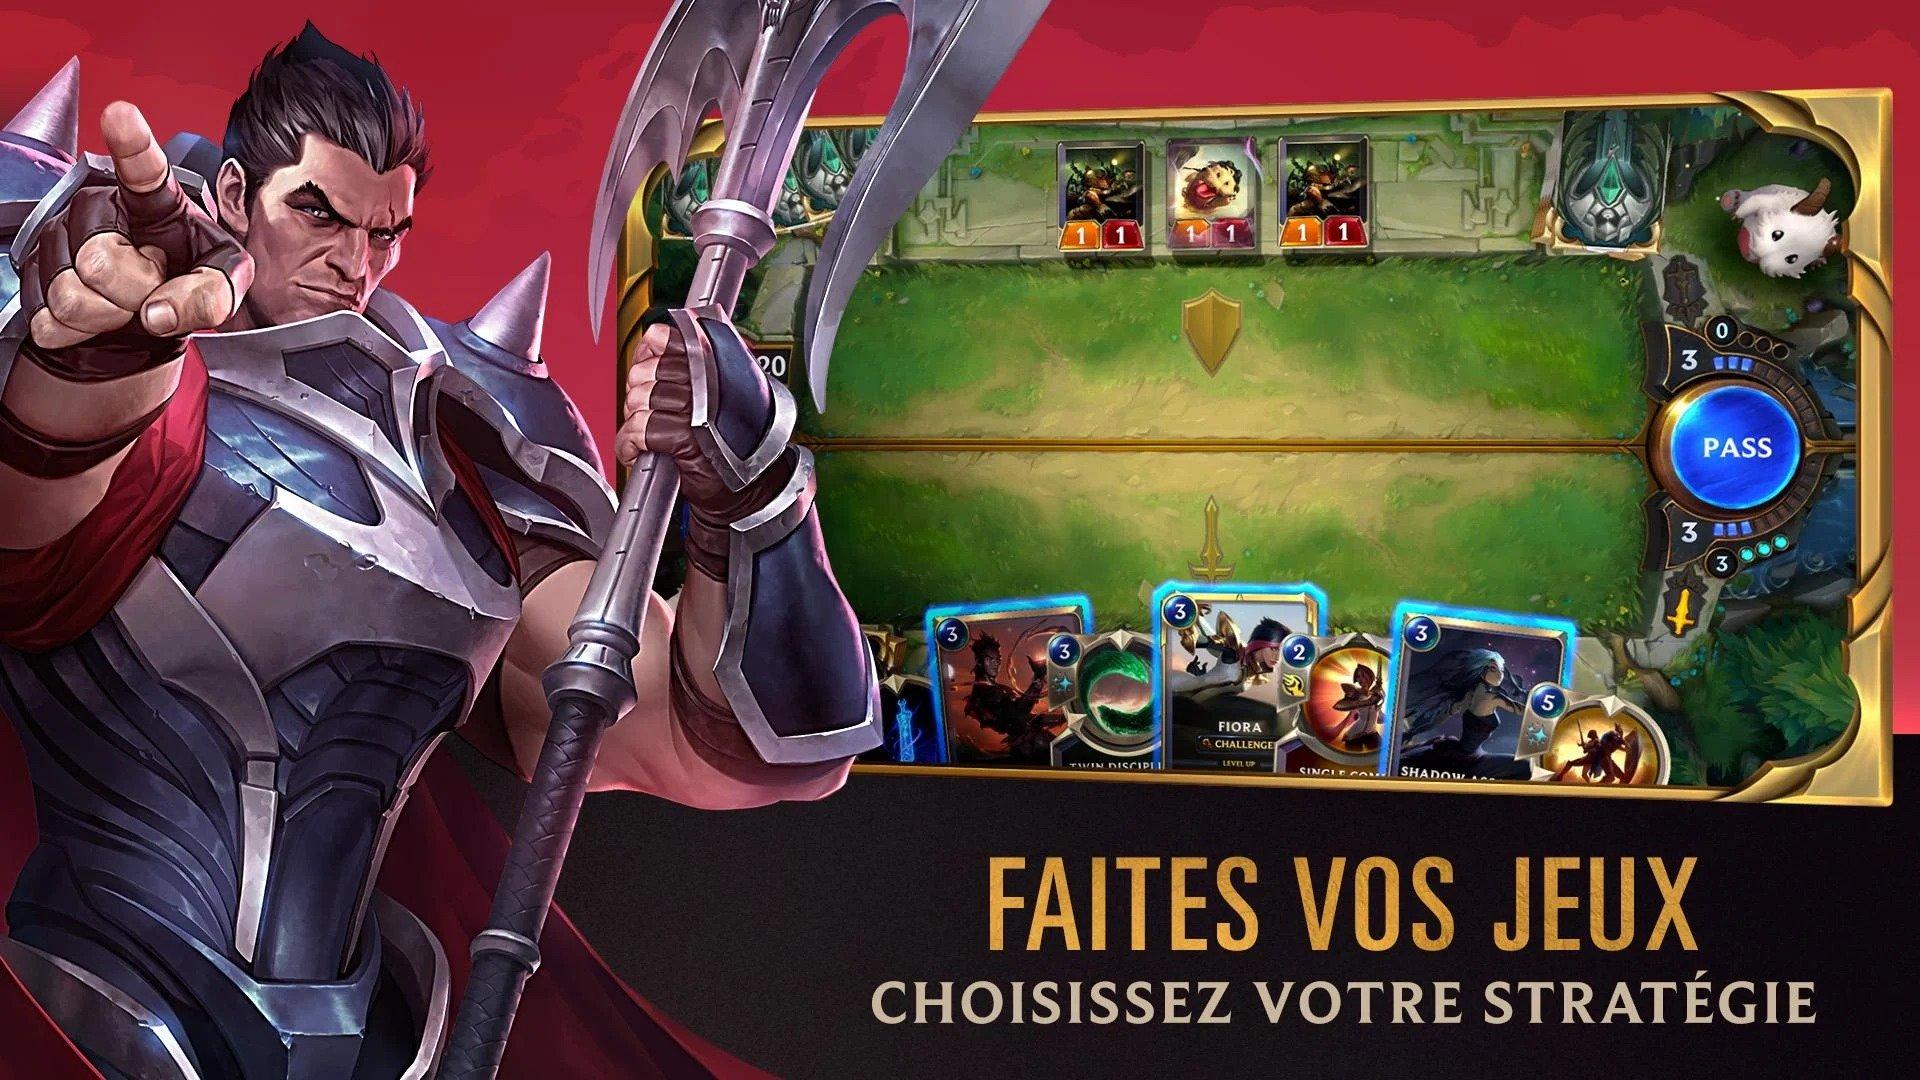 Legends Of Runeterra, Le Jeu De Cartes League Of Legends concernant Lol Jeux Gratuit